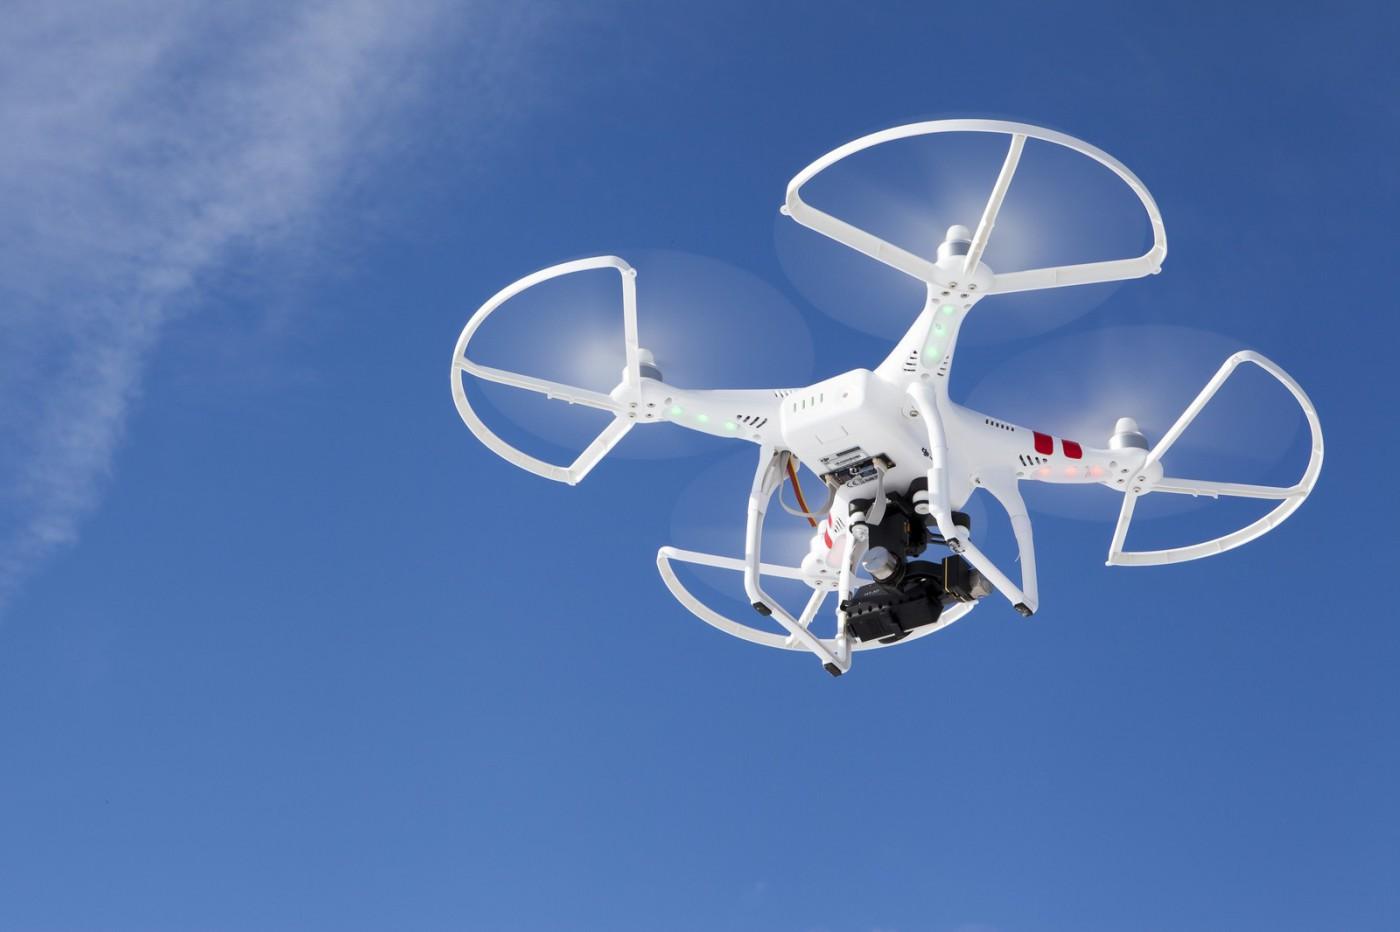 無人機管理新創AirMap獲2,600萬美元資金,由微軟、高通、Sony、Airbus等企業領投